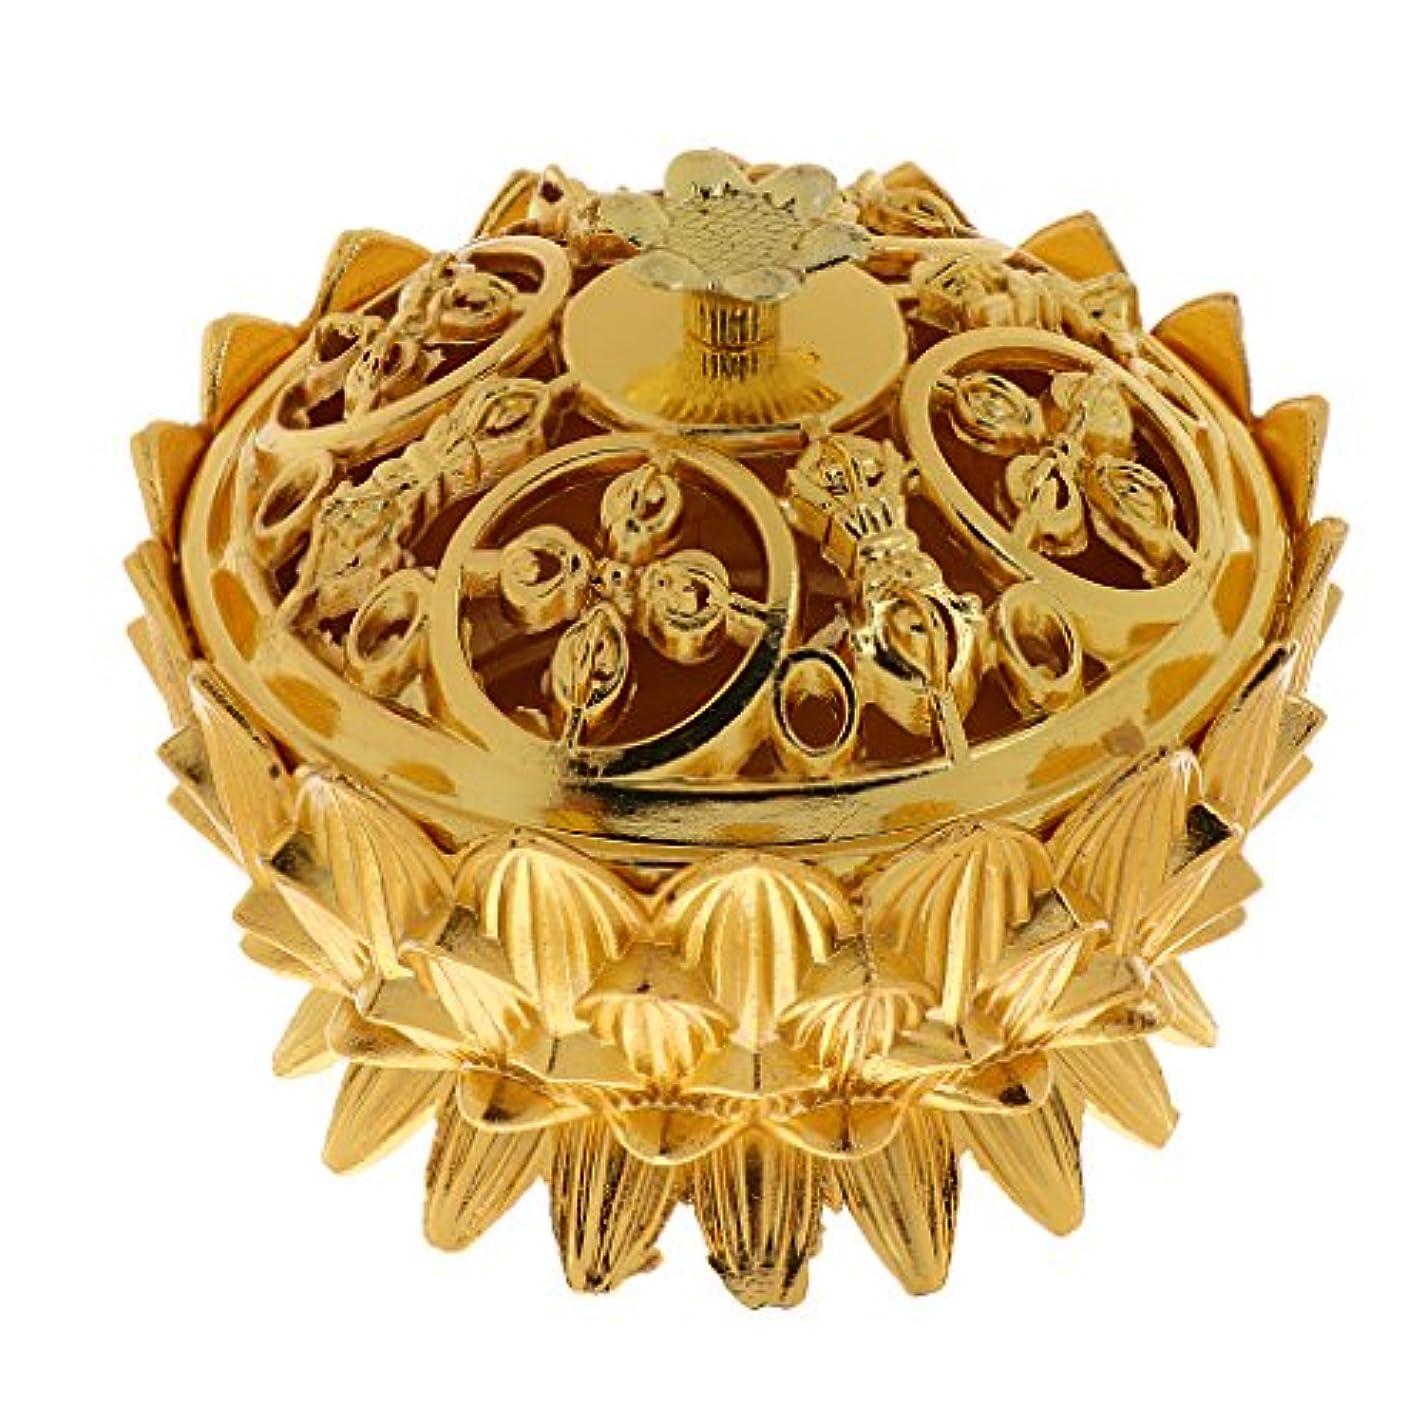 付き添い人うがい薬資格仏教 チベット 蓮 香りバーナー 香炉 金属 工芸品 家 装飾 全3選択 - #3